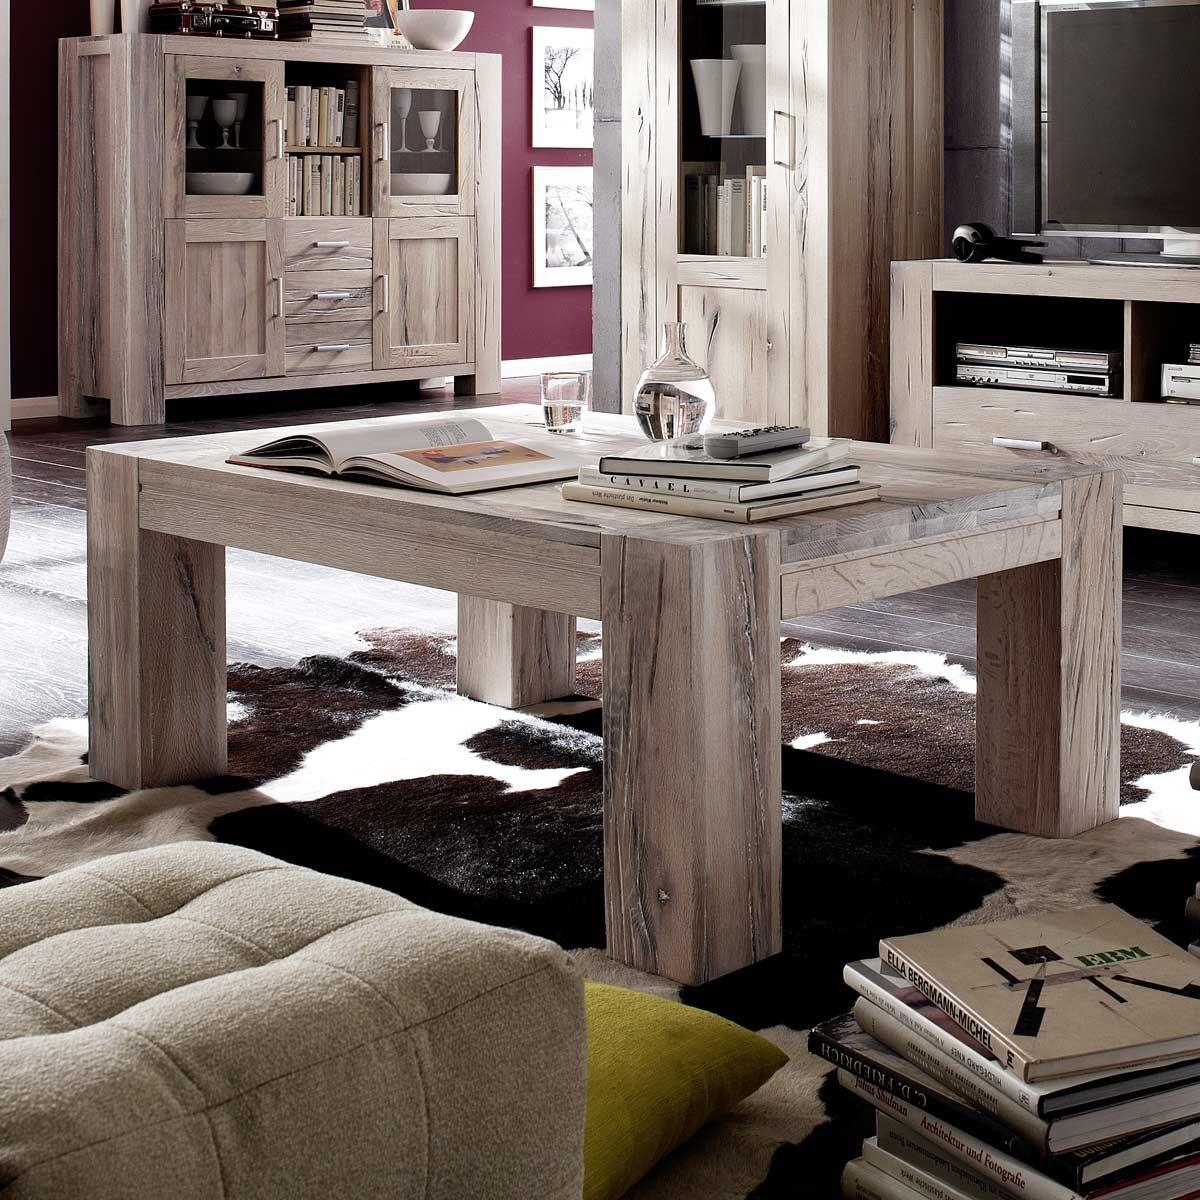 Couchtisch Braxton 120x70 In Eiche Massiv Weiss Gekalkt Mobel Ideal Wohnzimmertische Couchtisch Design Tisch